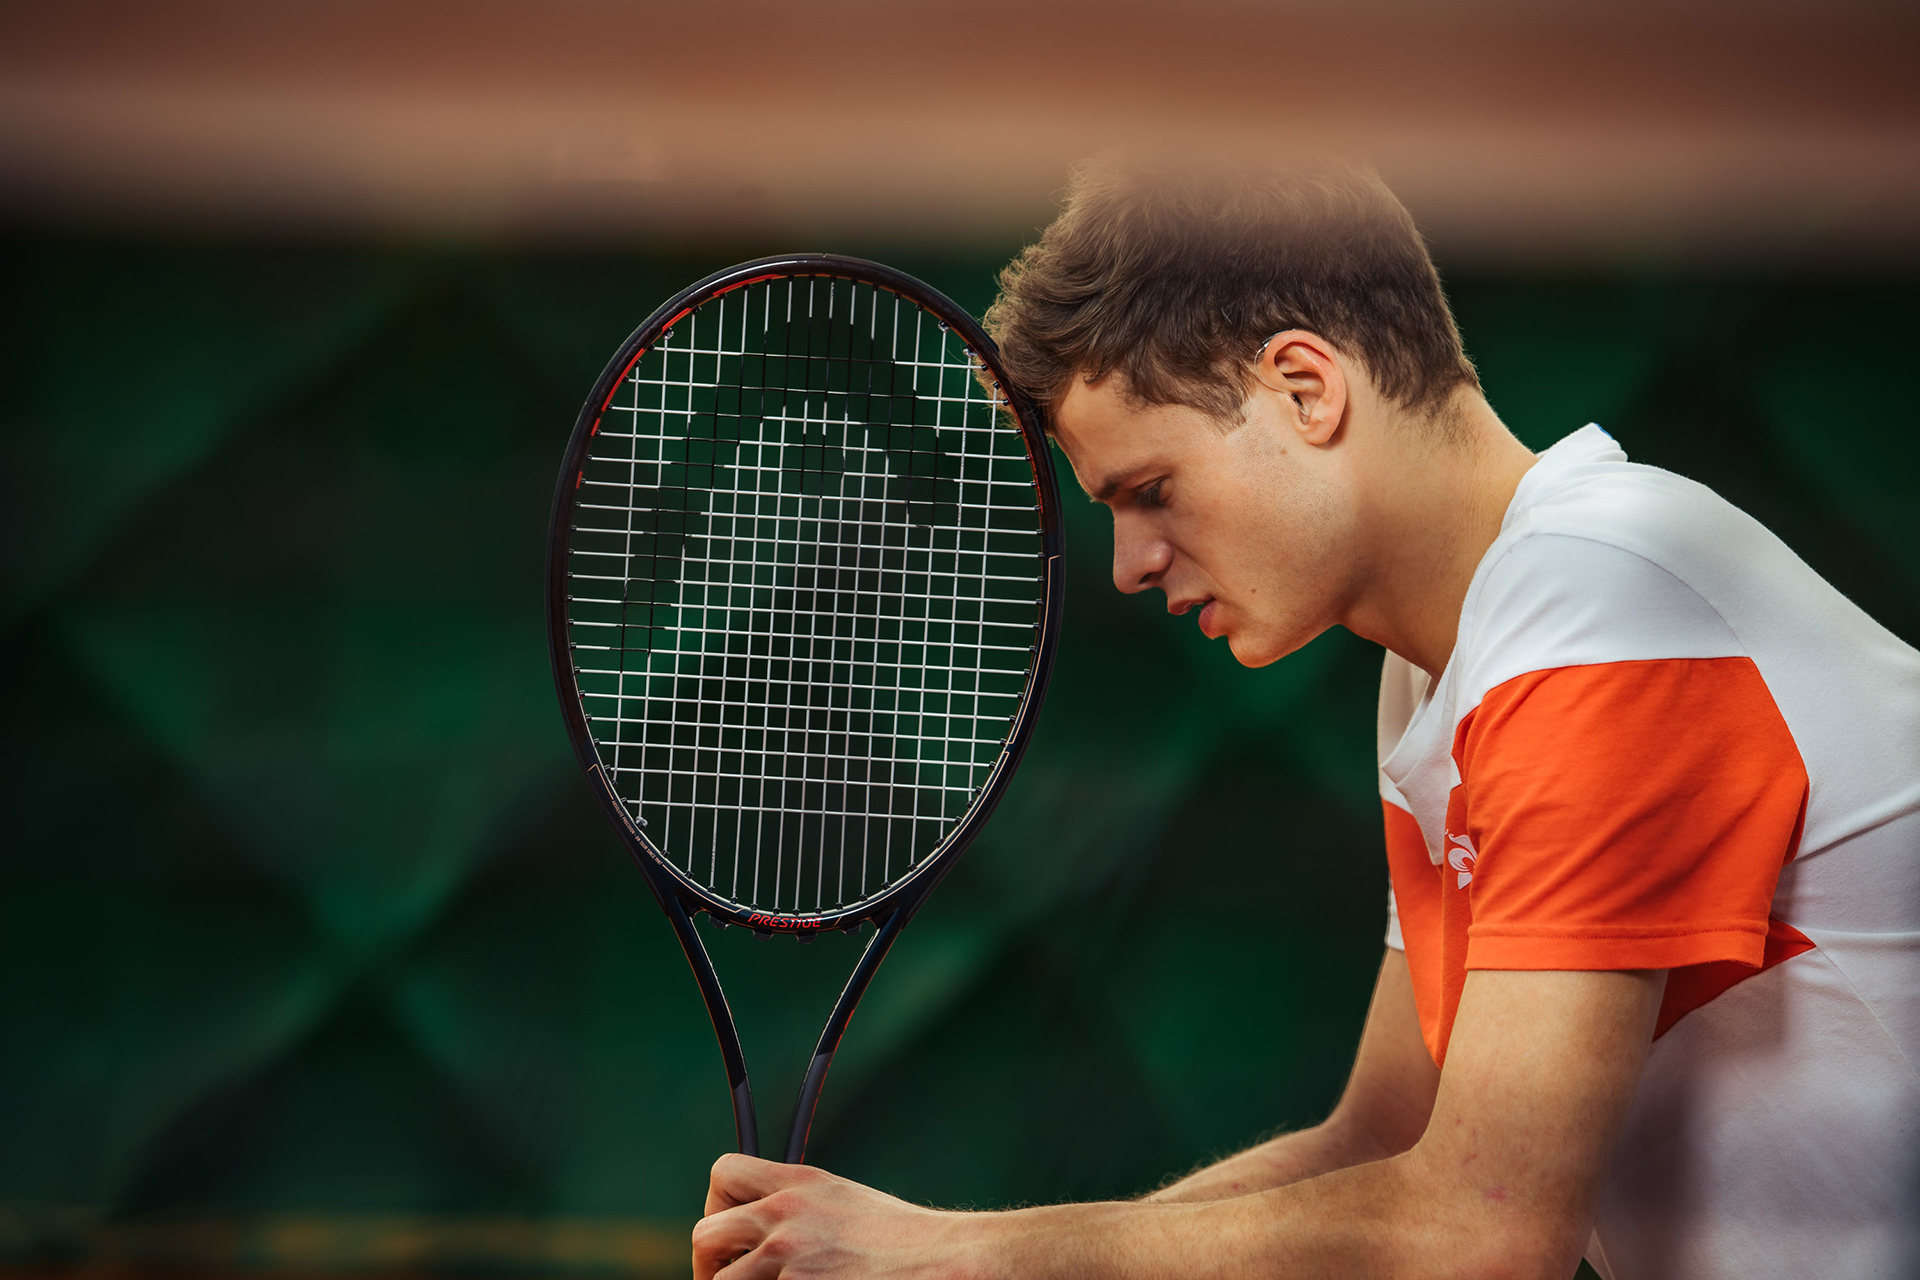 tennis-fokus-konzentration-schlaeger